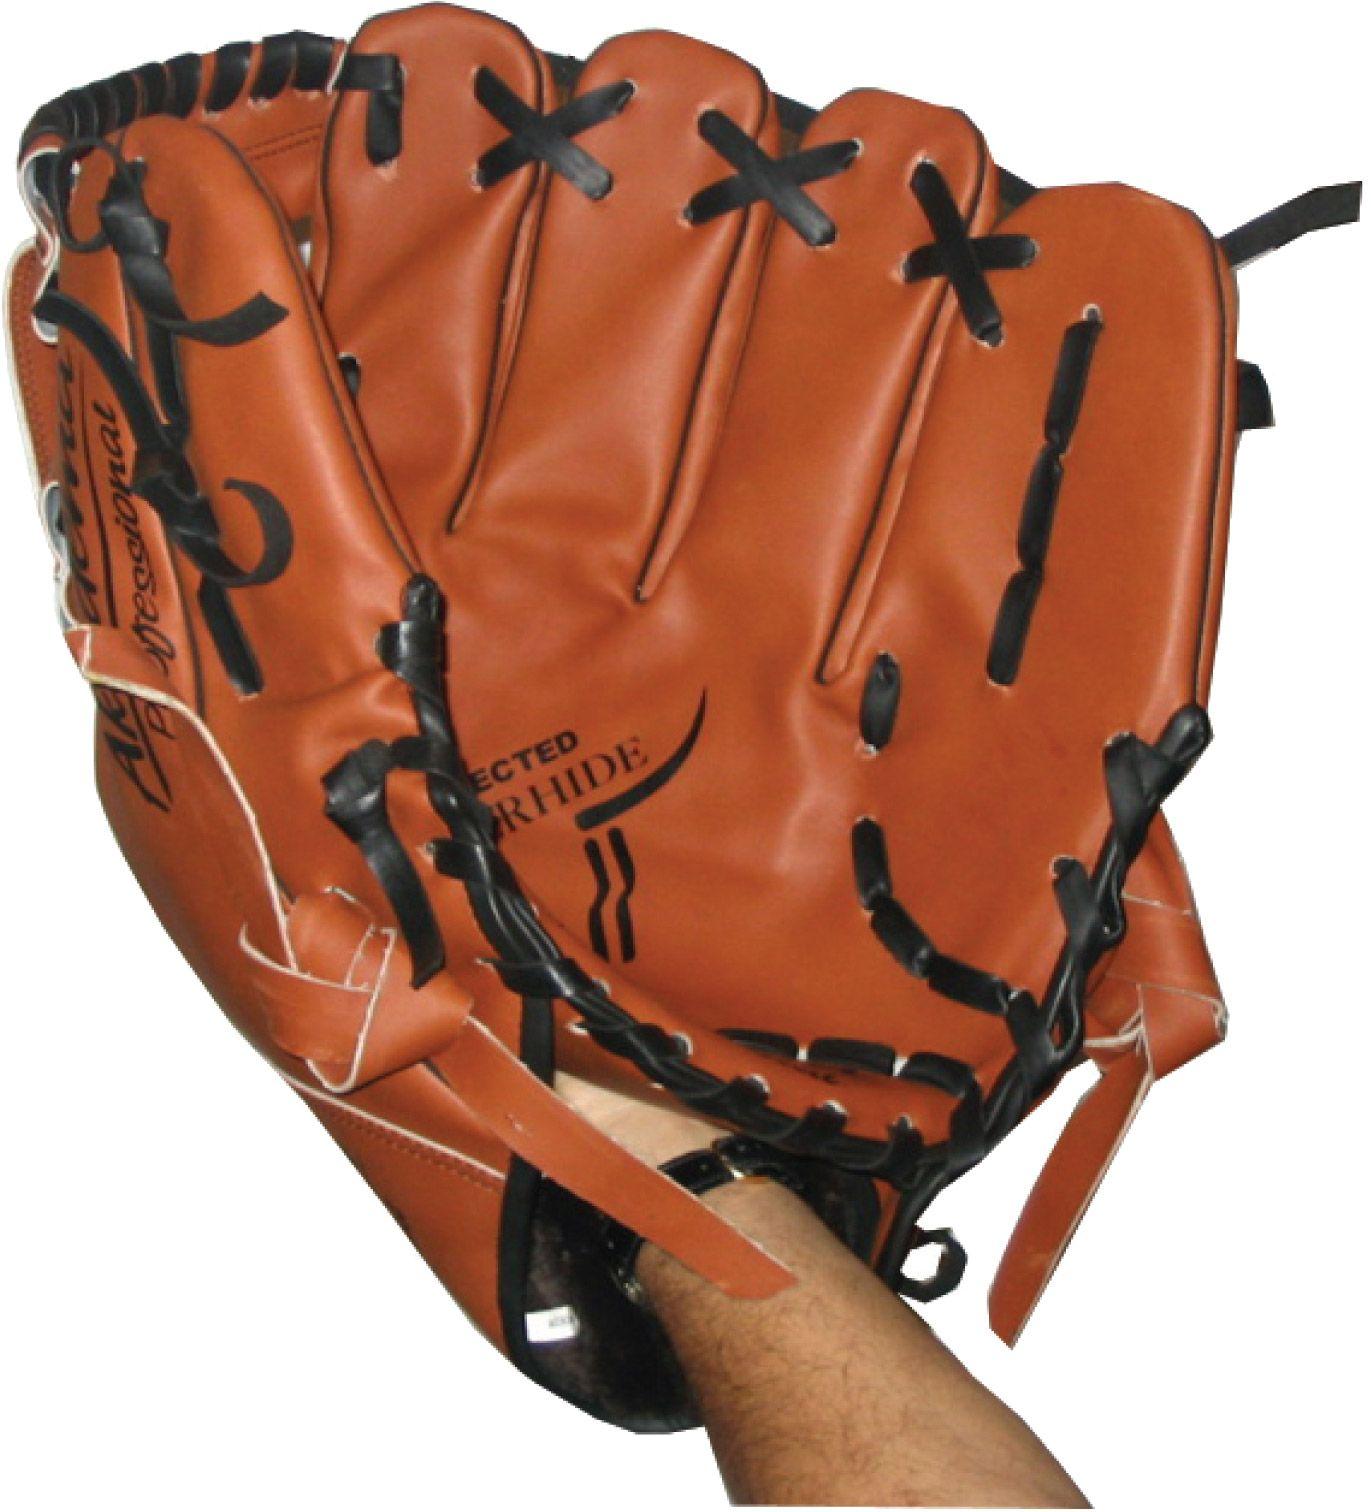 Rawlings Sporting Goods Panier Web Softball Series Gants